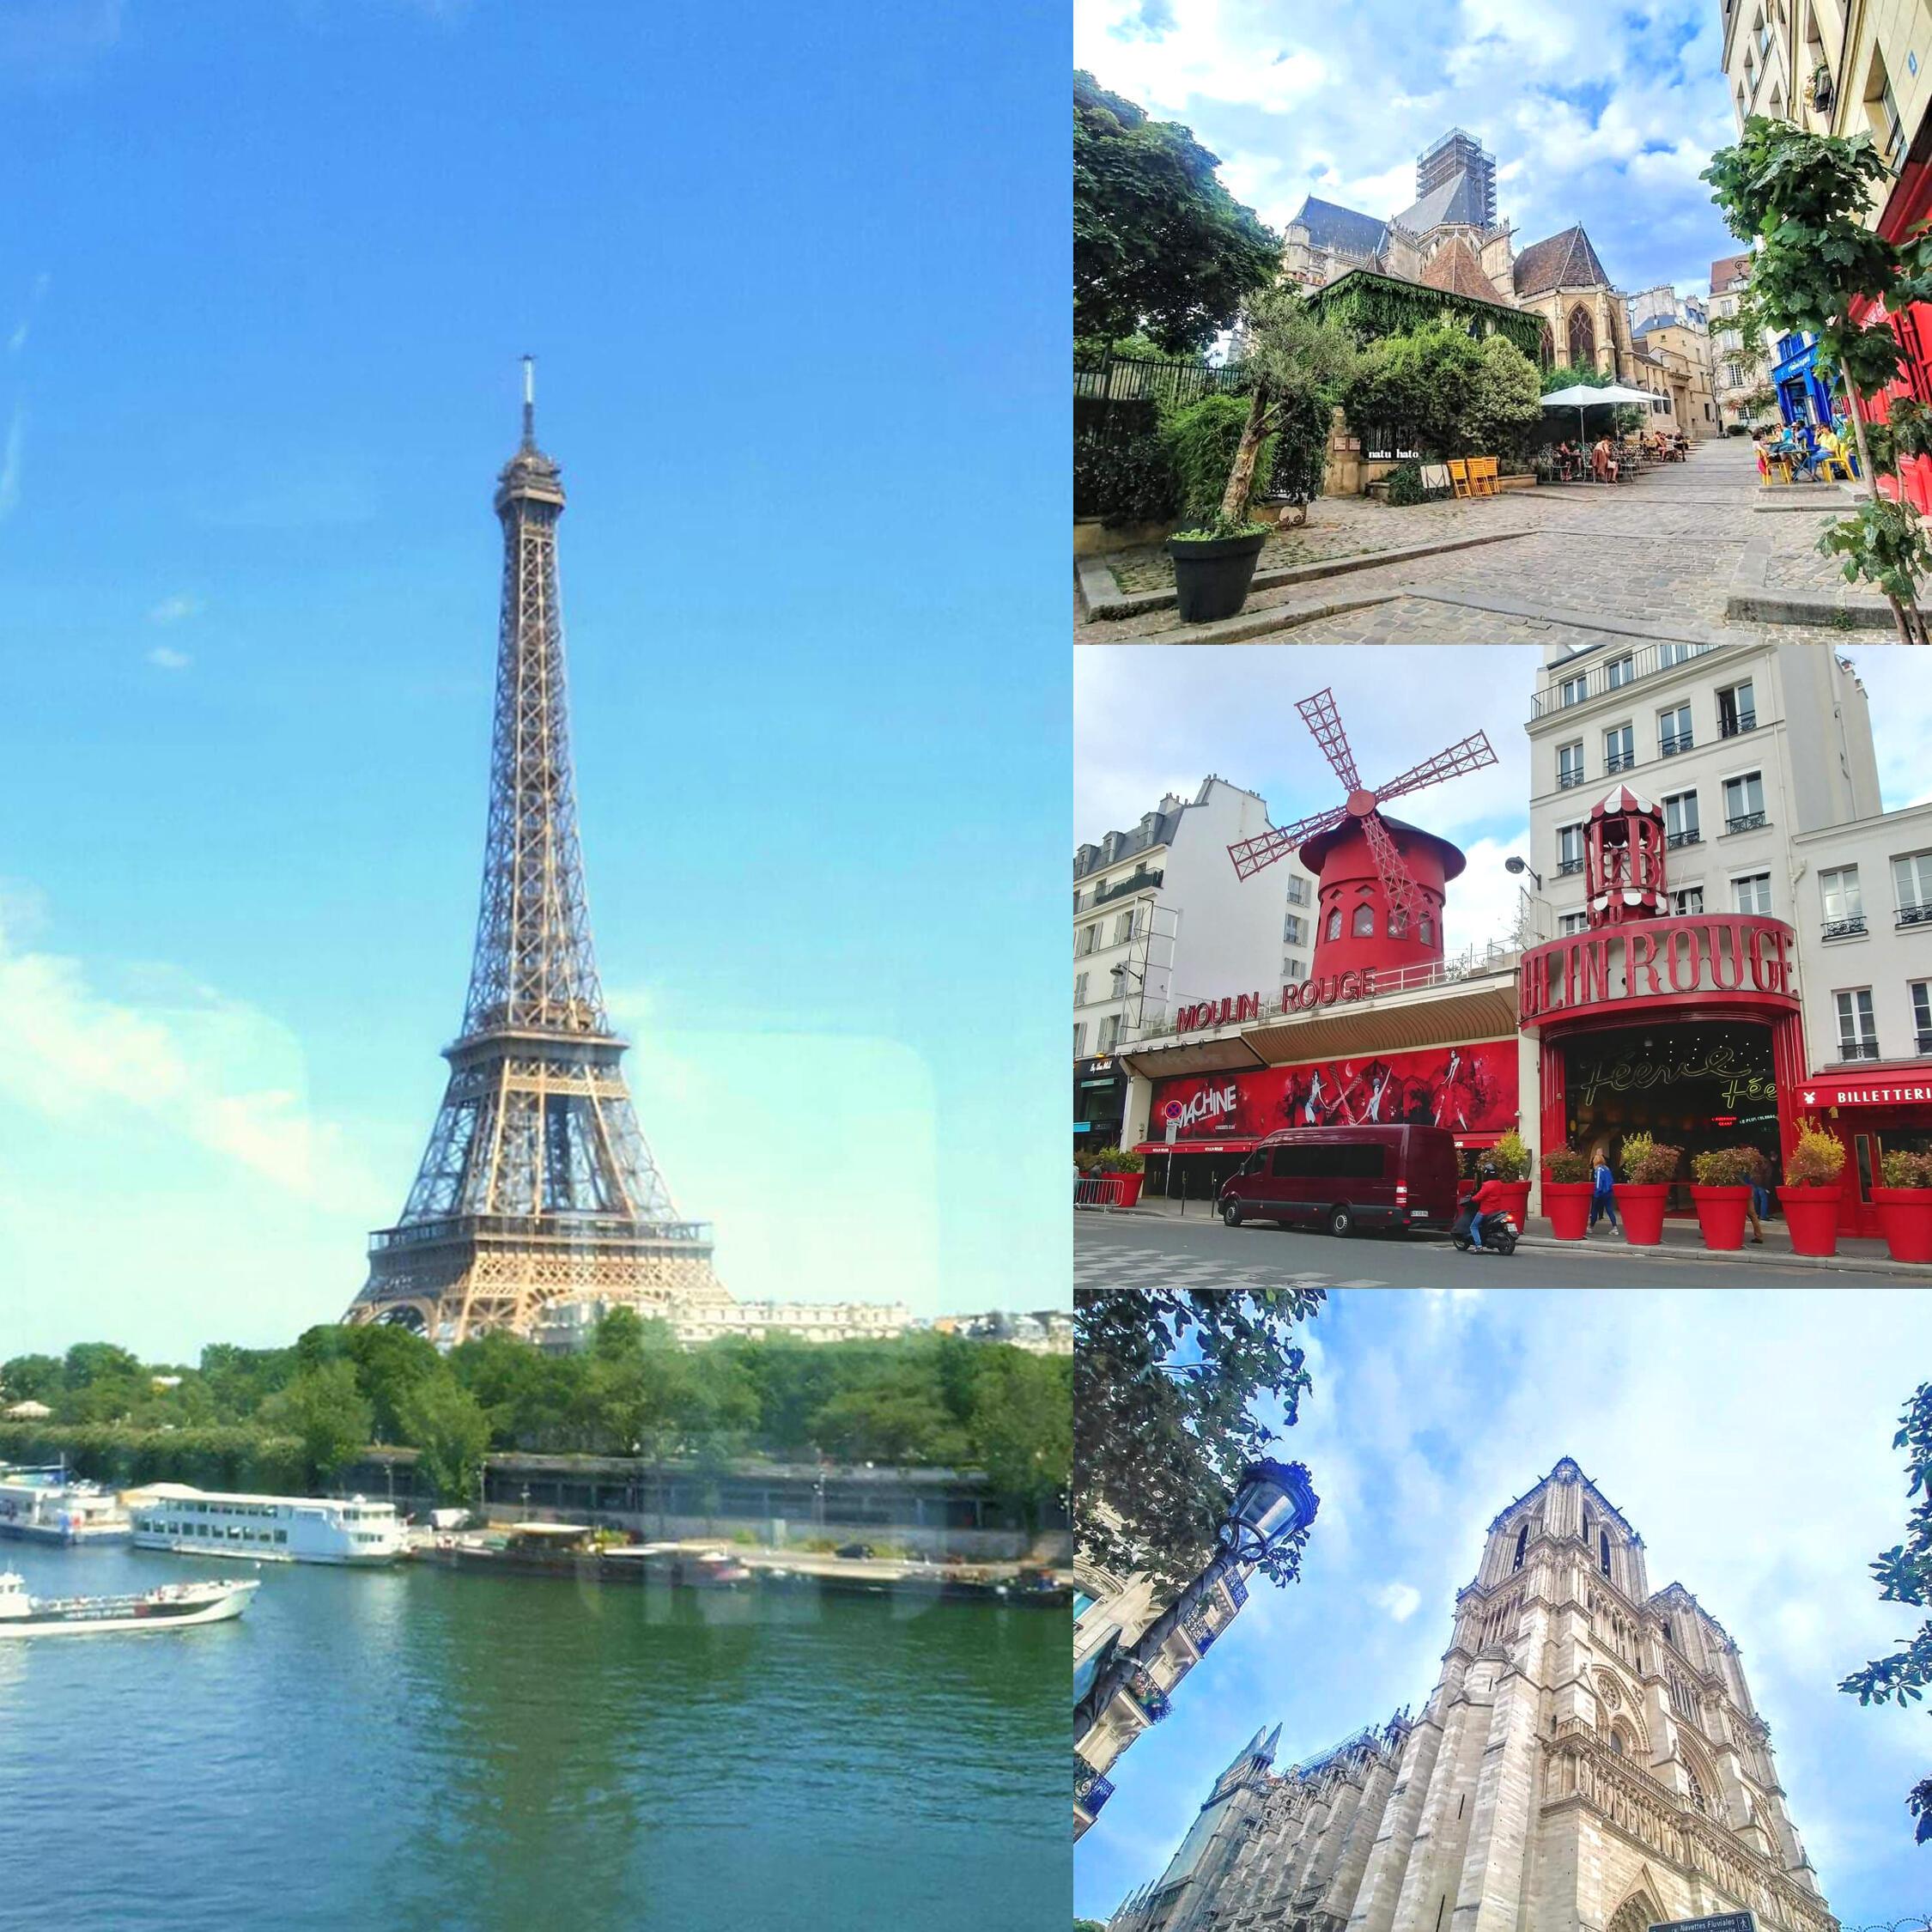 Tháp Eiffel với 2,8 triệu hashtag, vẫn là một trong những kỳ quan ở châu Âu được chia sẻ nhiều nhất trên mạng Instagram